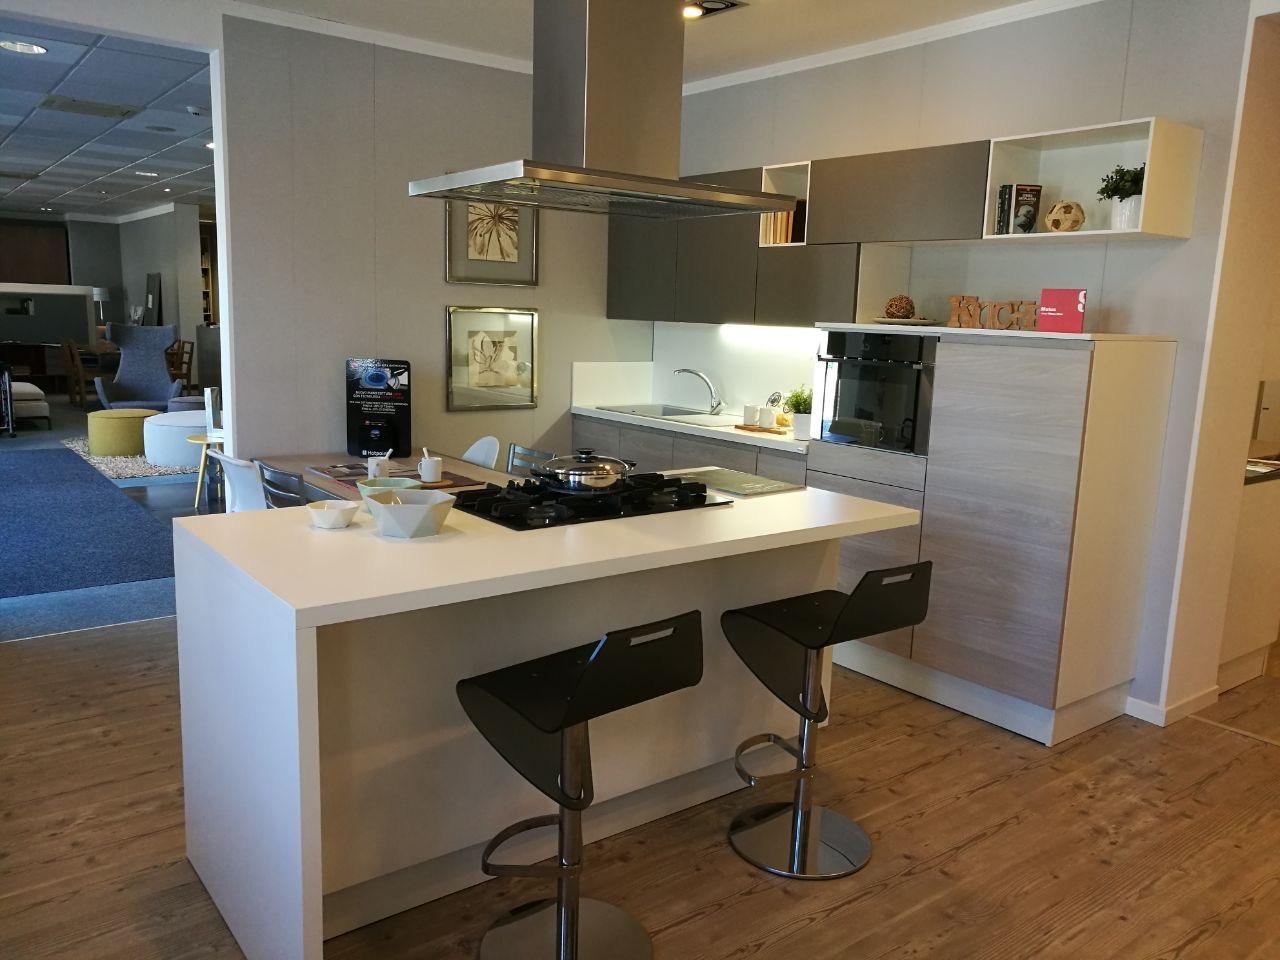 Camere da letto scavolini gallery of fabulous camera da letto scavolini cucine moderne piccole - Scavolini camere da letto ...